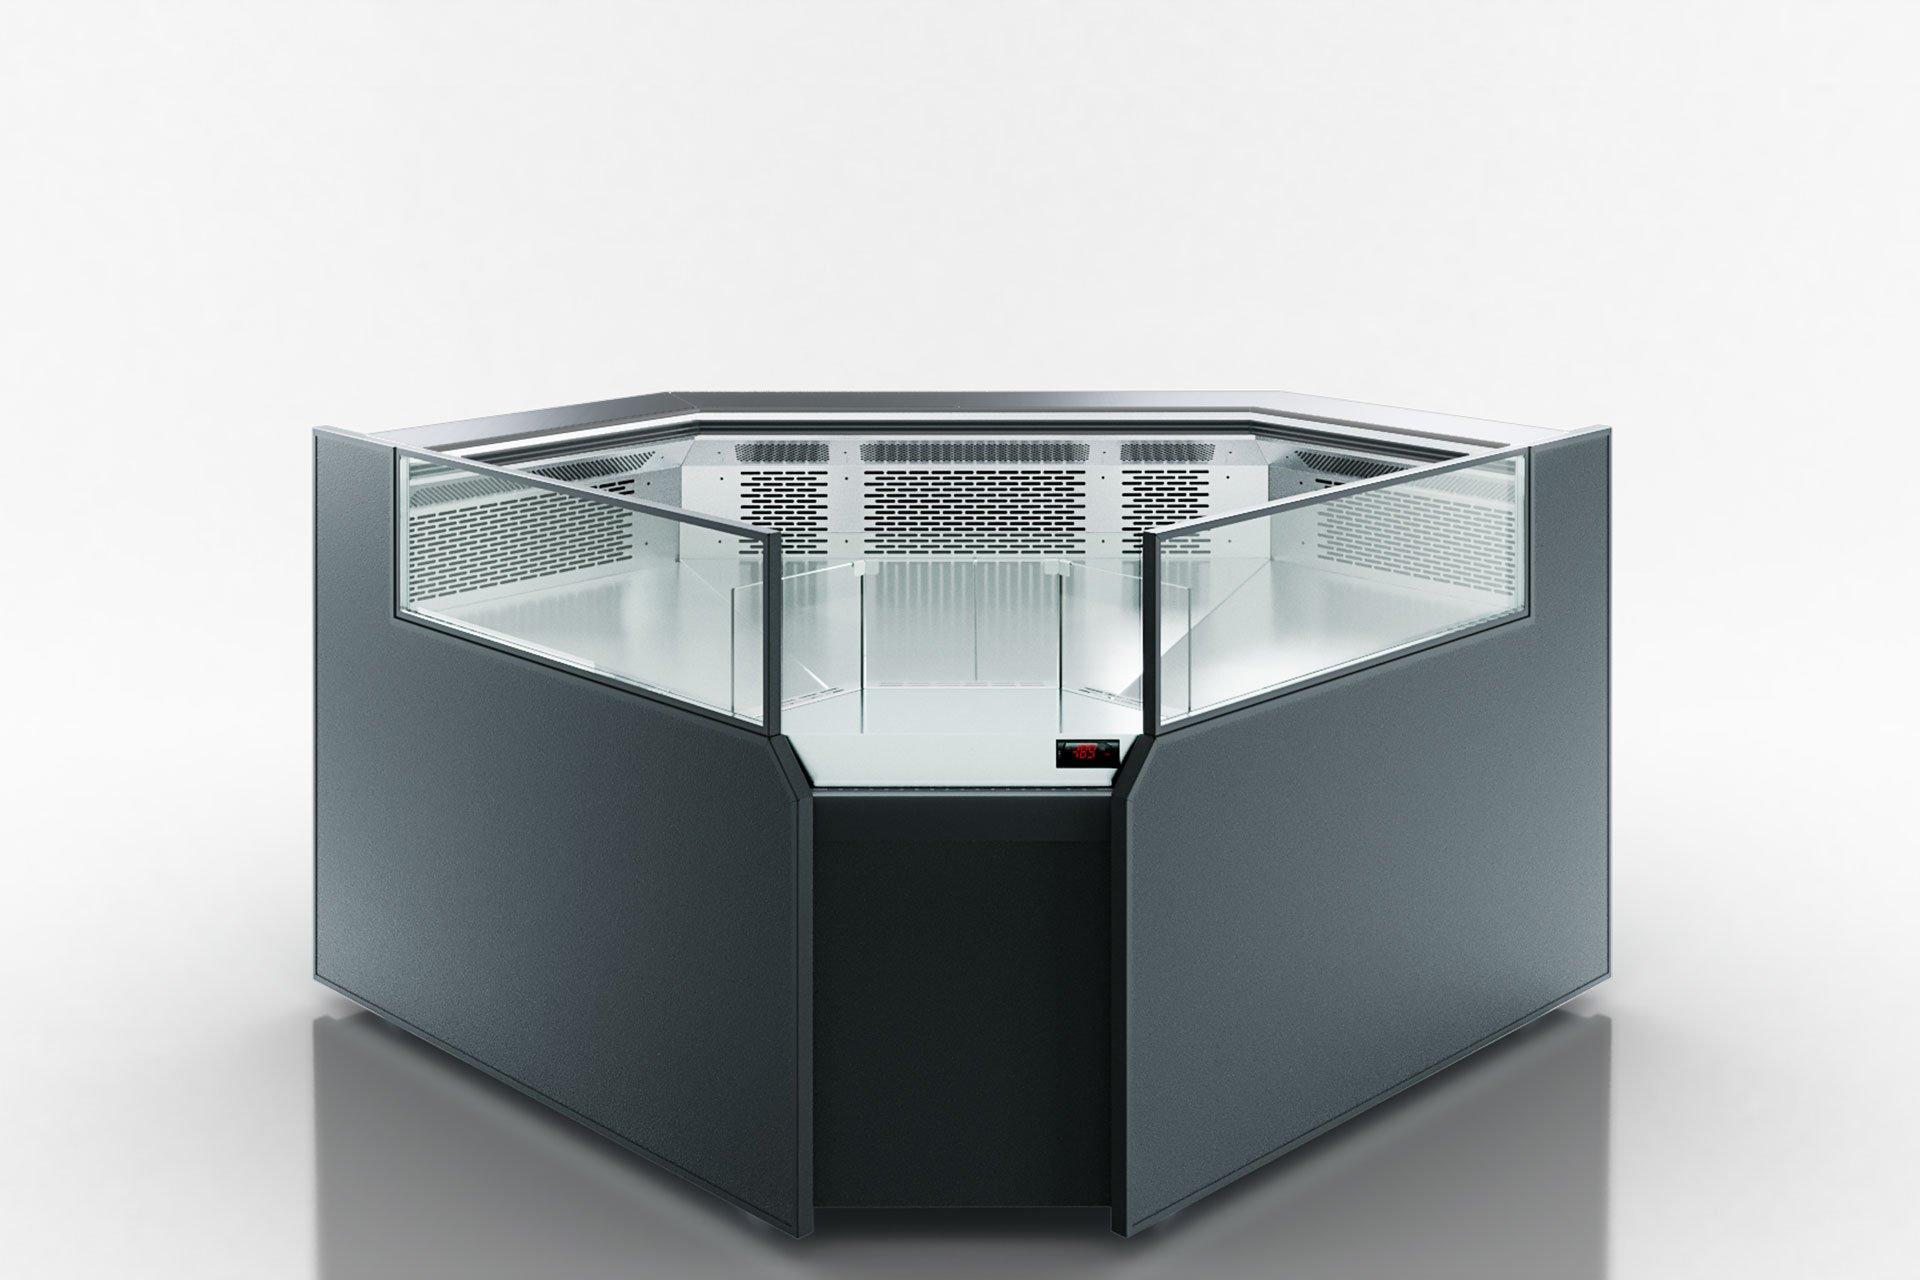 Холодильна вітрина Missouri АC 120 deli self 092-DBА-IS90